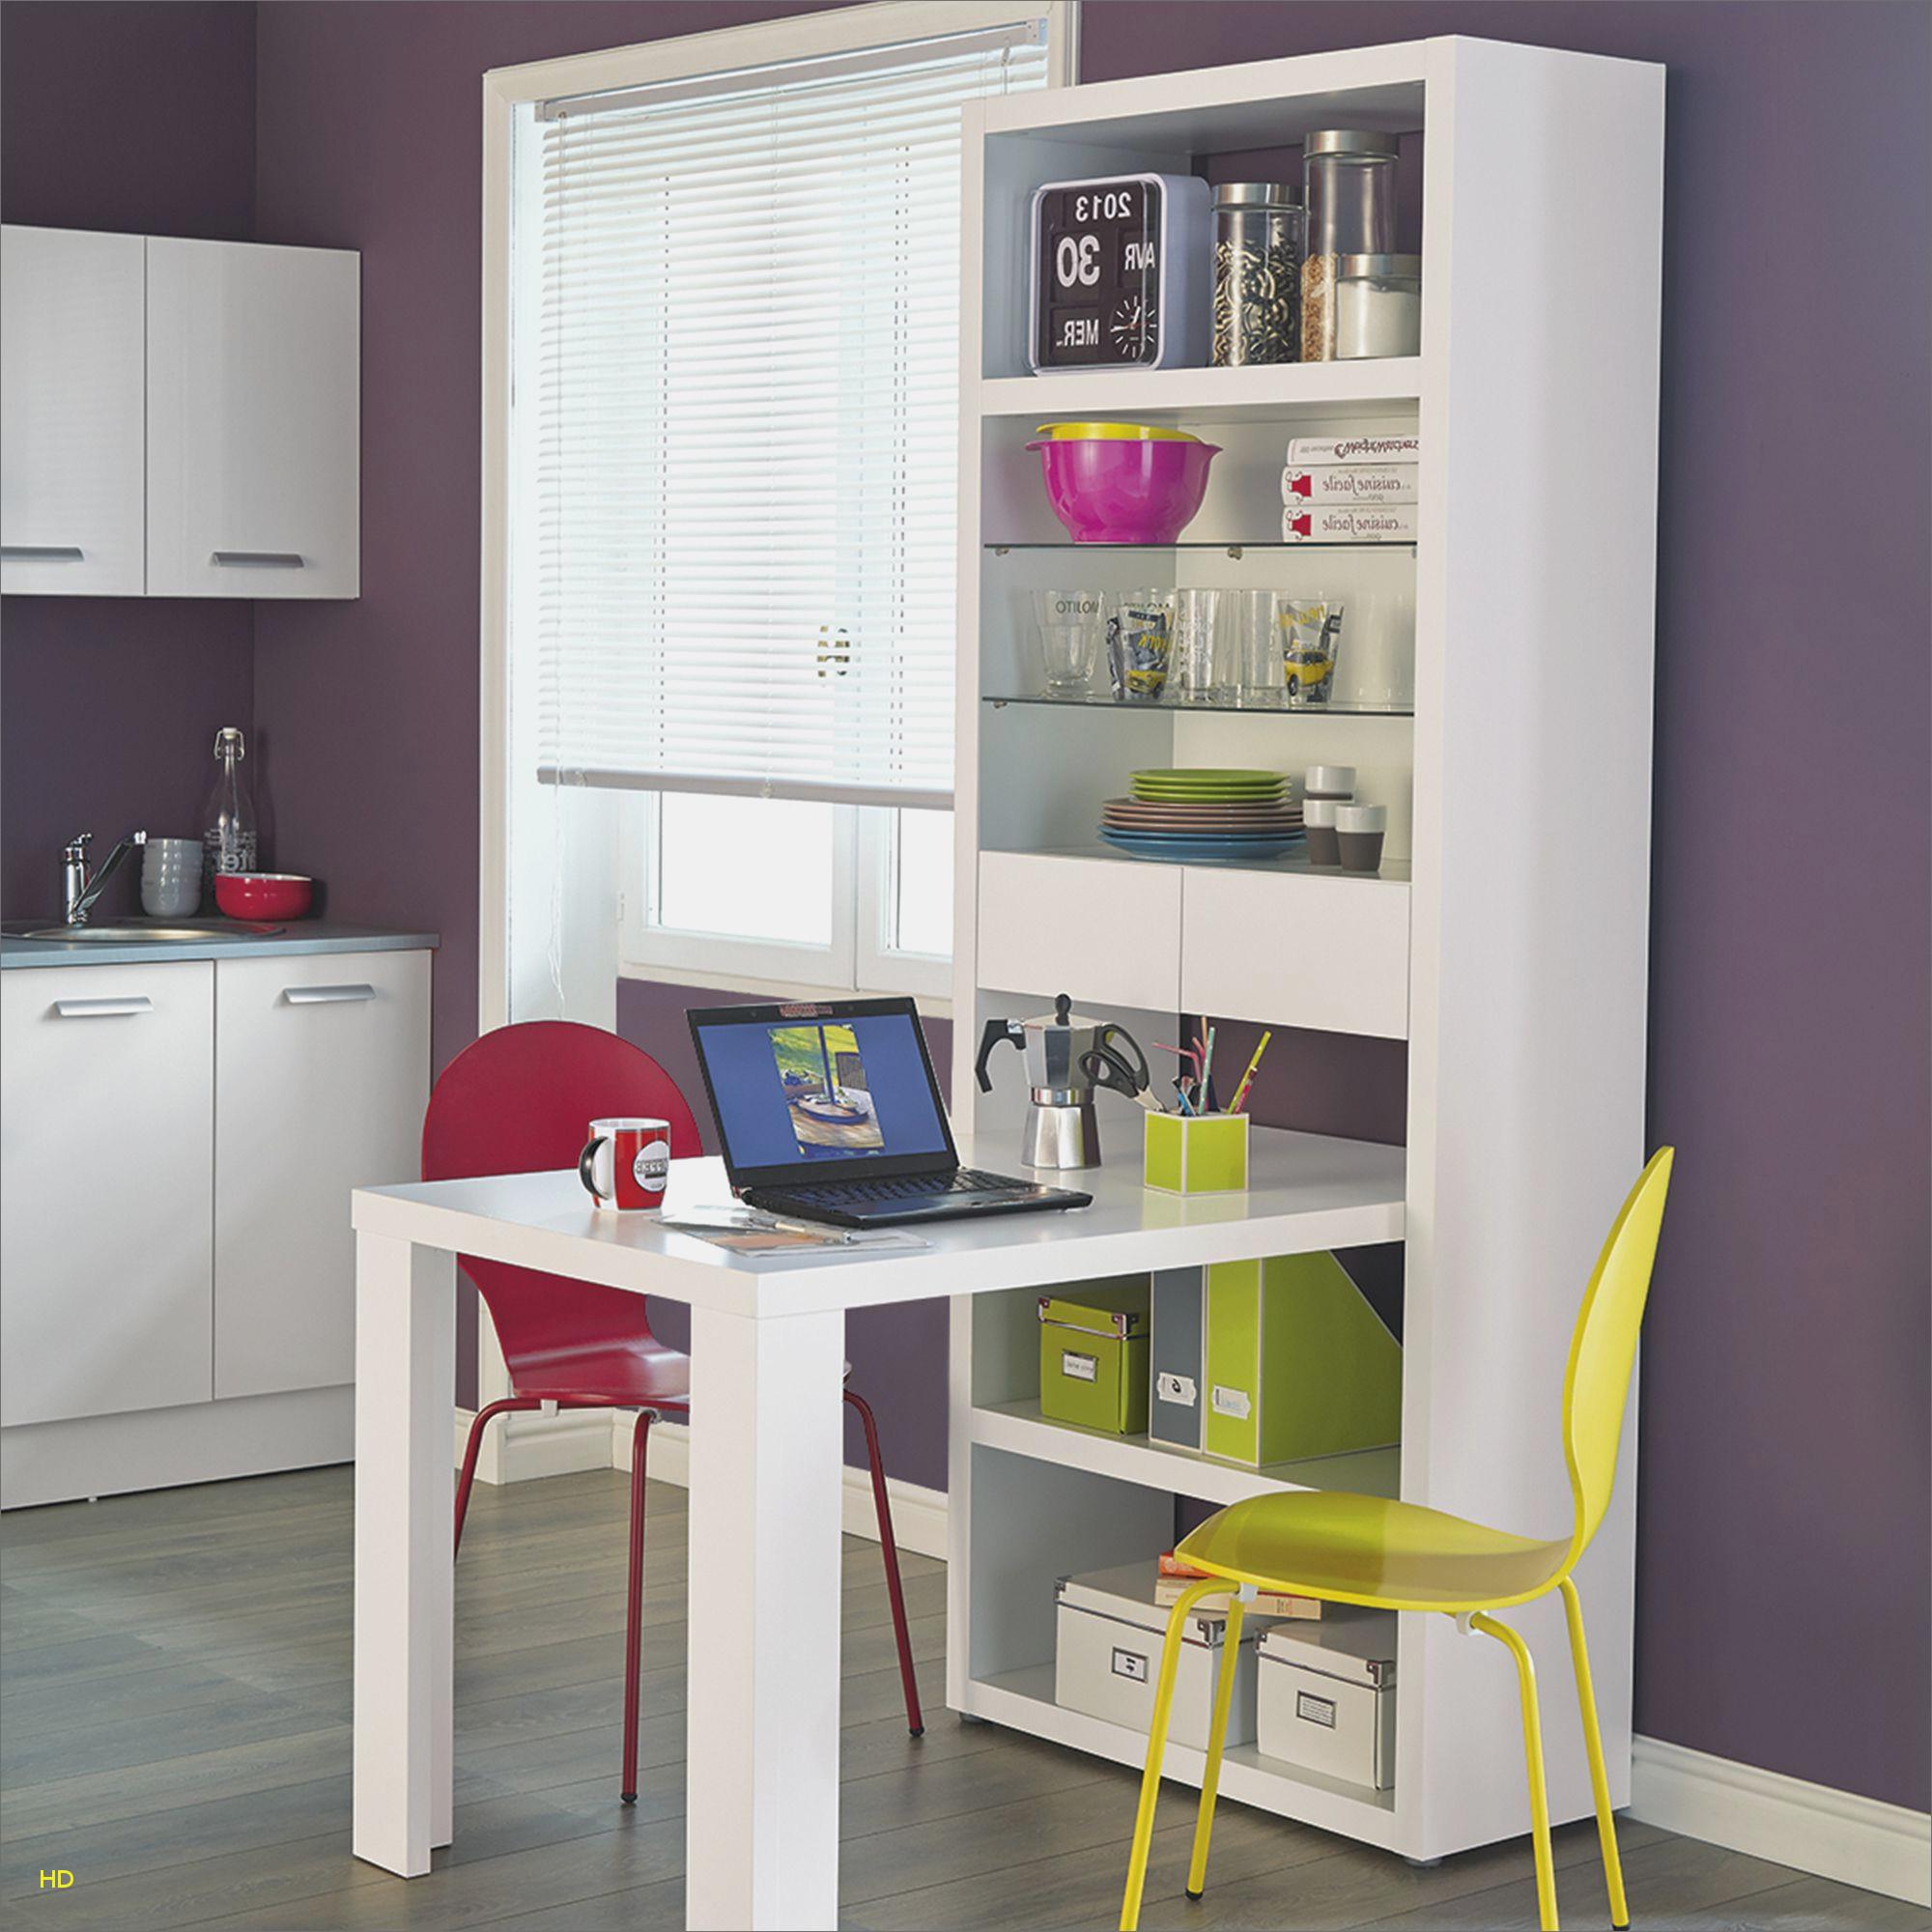 table de cuisine avec tiroir frais et chaises impressionnant chaise alinea table de cuisine avec tiroir frais et chaises alinea galerie of